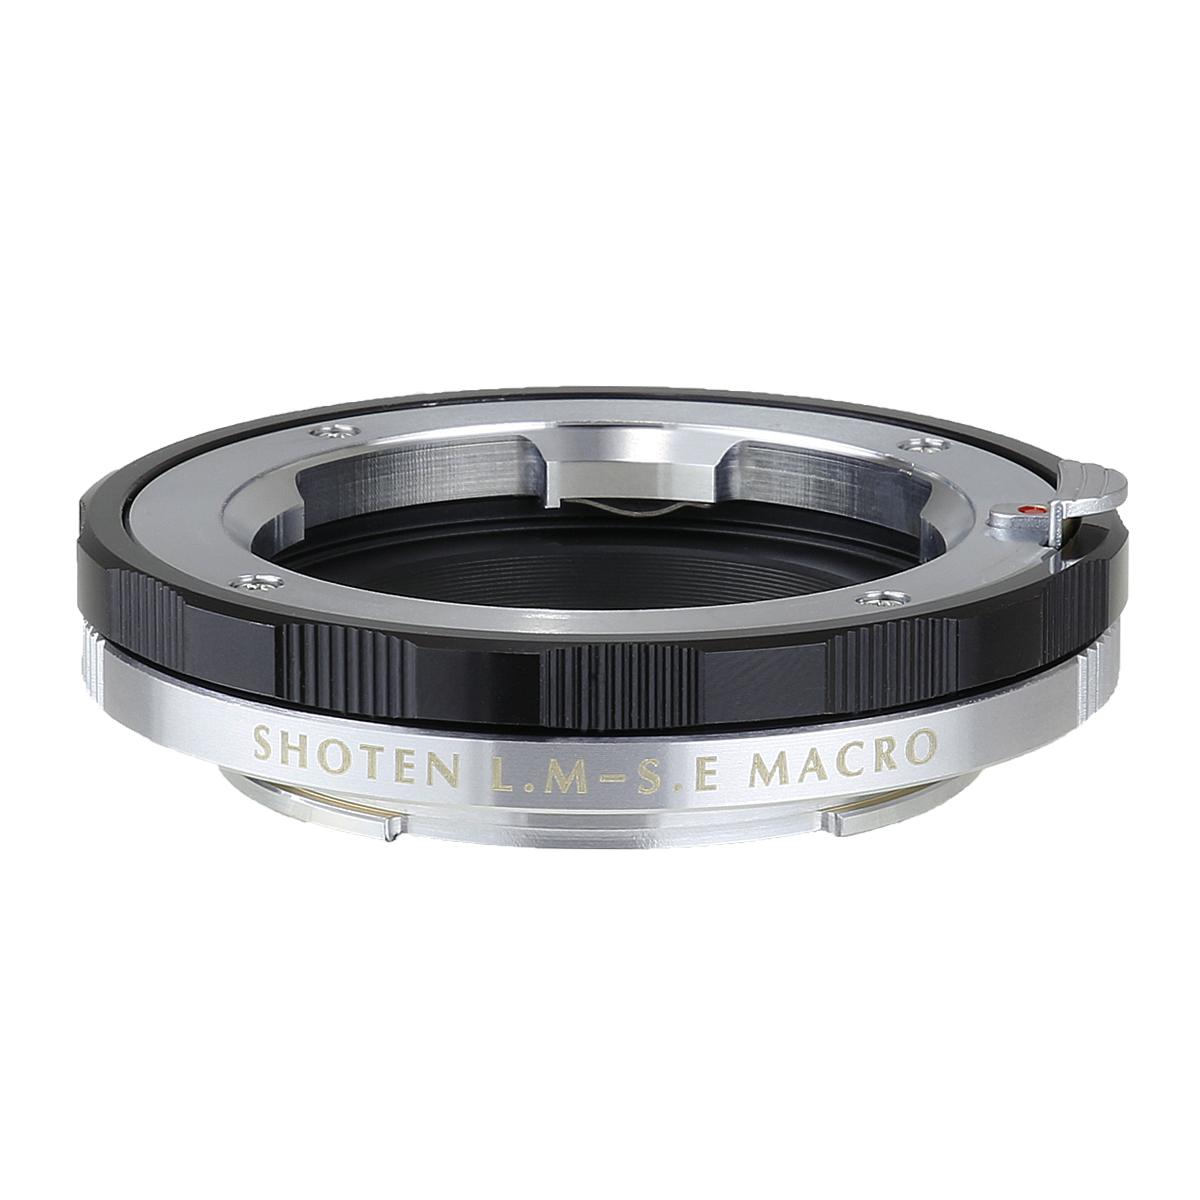 SHOTENマウントアダプター LM-SE M (B) ライカMマウントレンズ - ソニーEマウントカメラ マクロ(ヘリコイド付き) ブラック